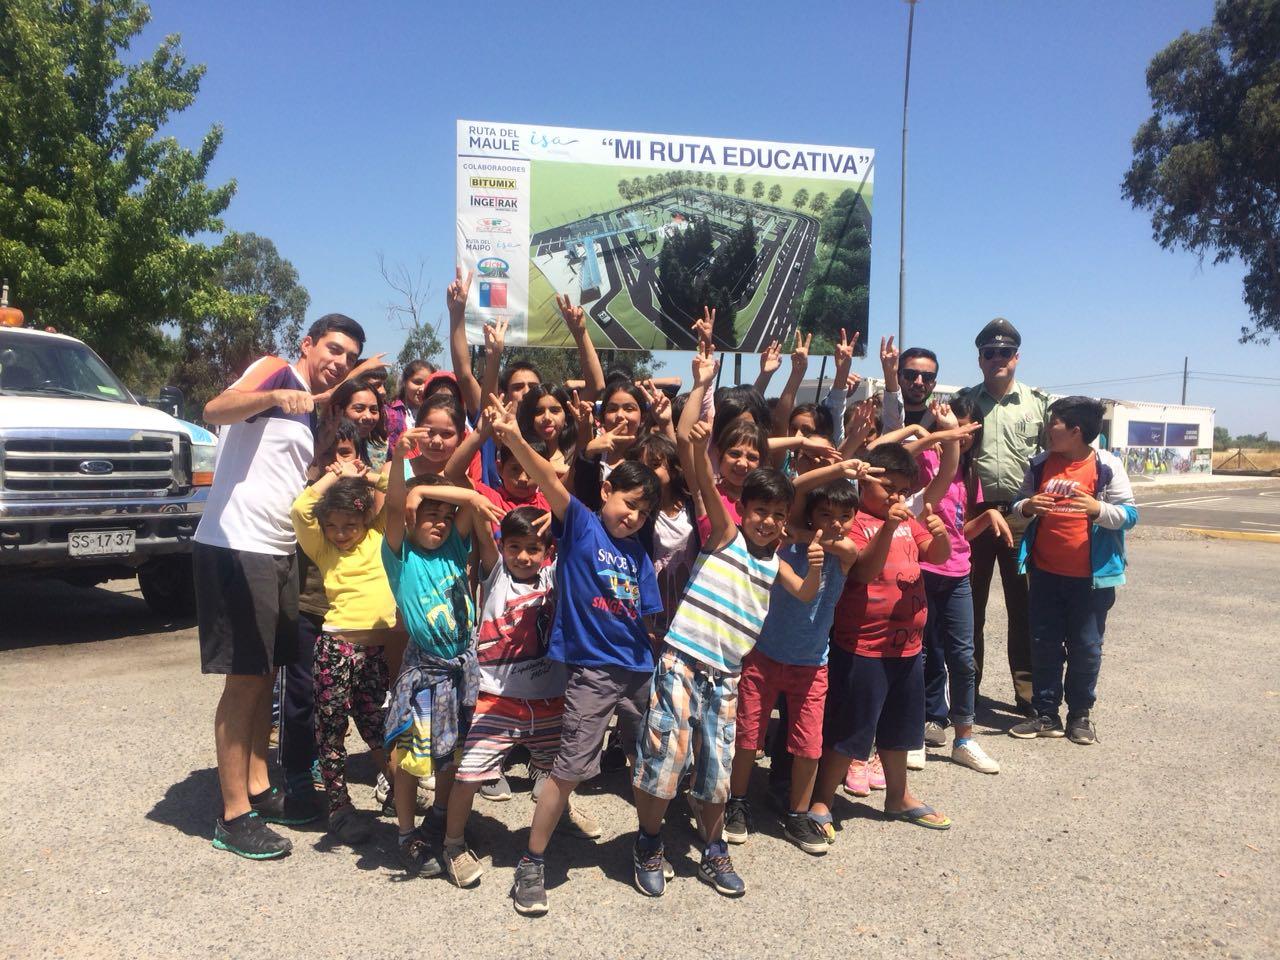 VILLA ALEGRE; Carabineros Gestionan Visita de Niños a Escuela Abierta de Transito